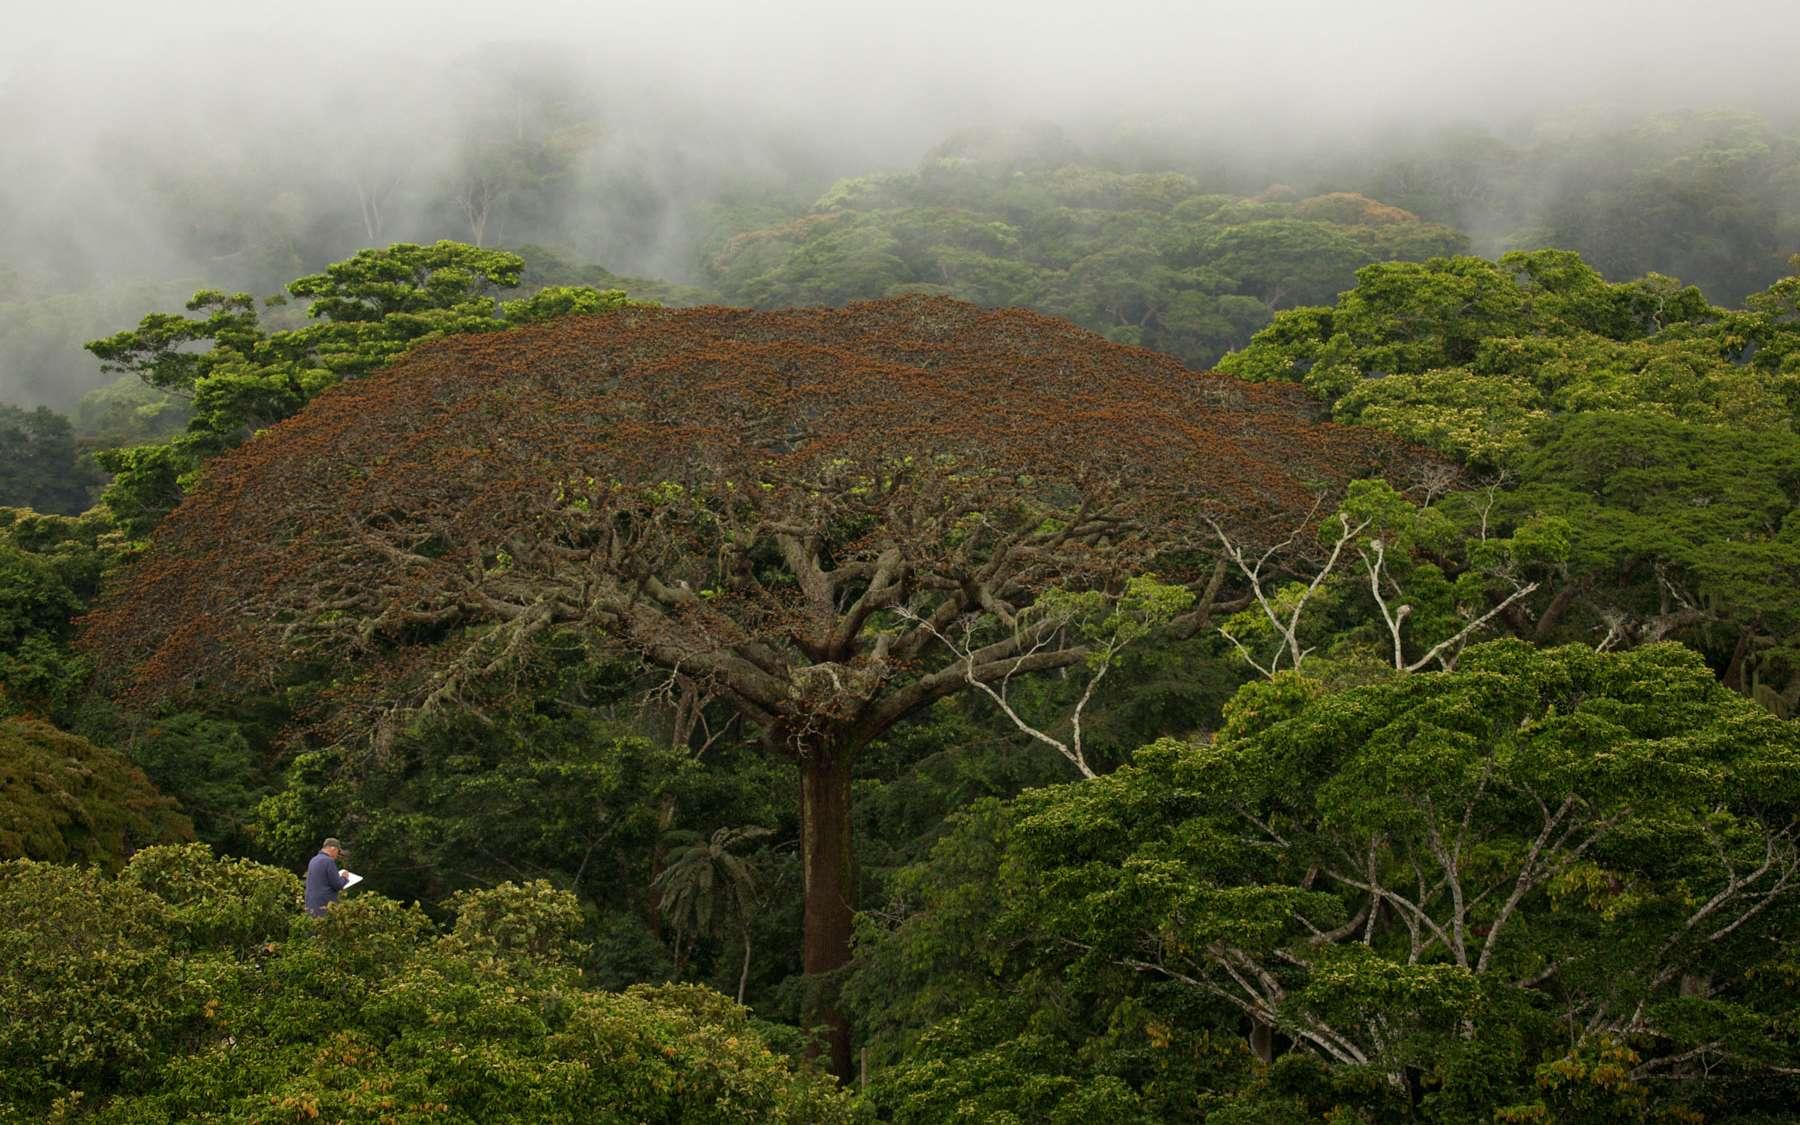 Francis Hallé, perché en haut de la canopée des forêts du Gabon, en plein tournage du documentaire Il était une forêt. © Sarah Del Ben, Wild-Touch, 2013